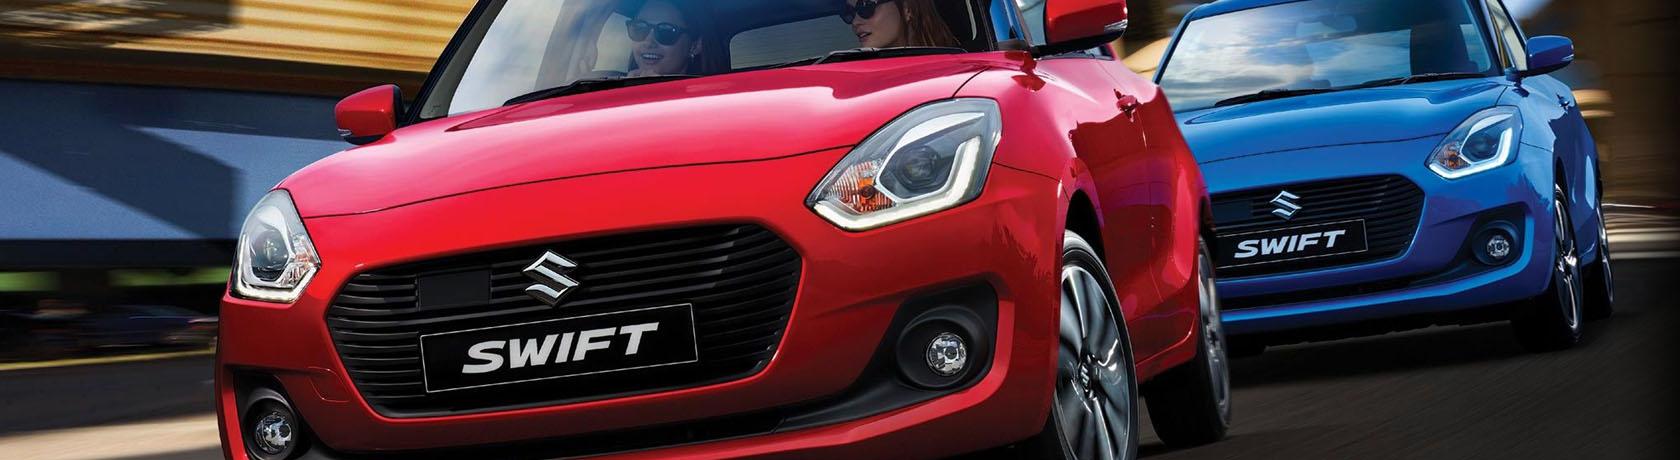 New Suzuki Swift for sale in Cairns - Trinity Suzuki